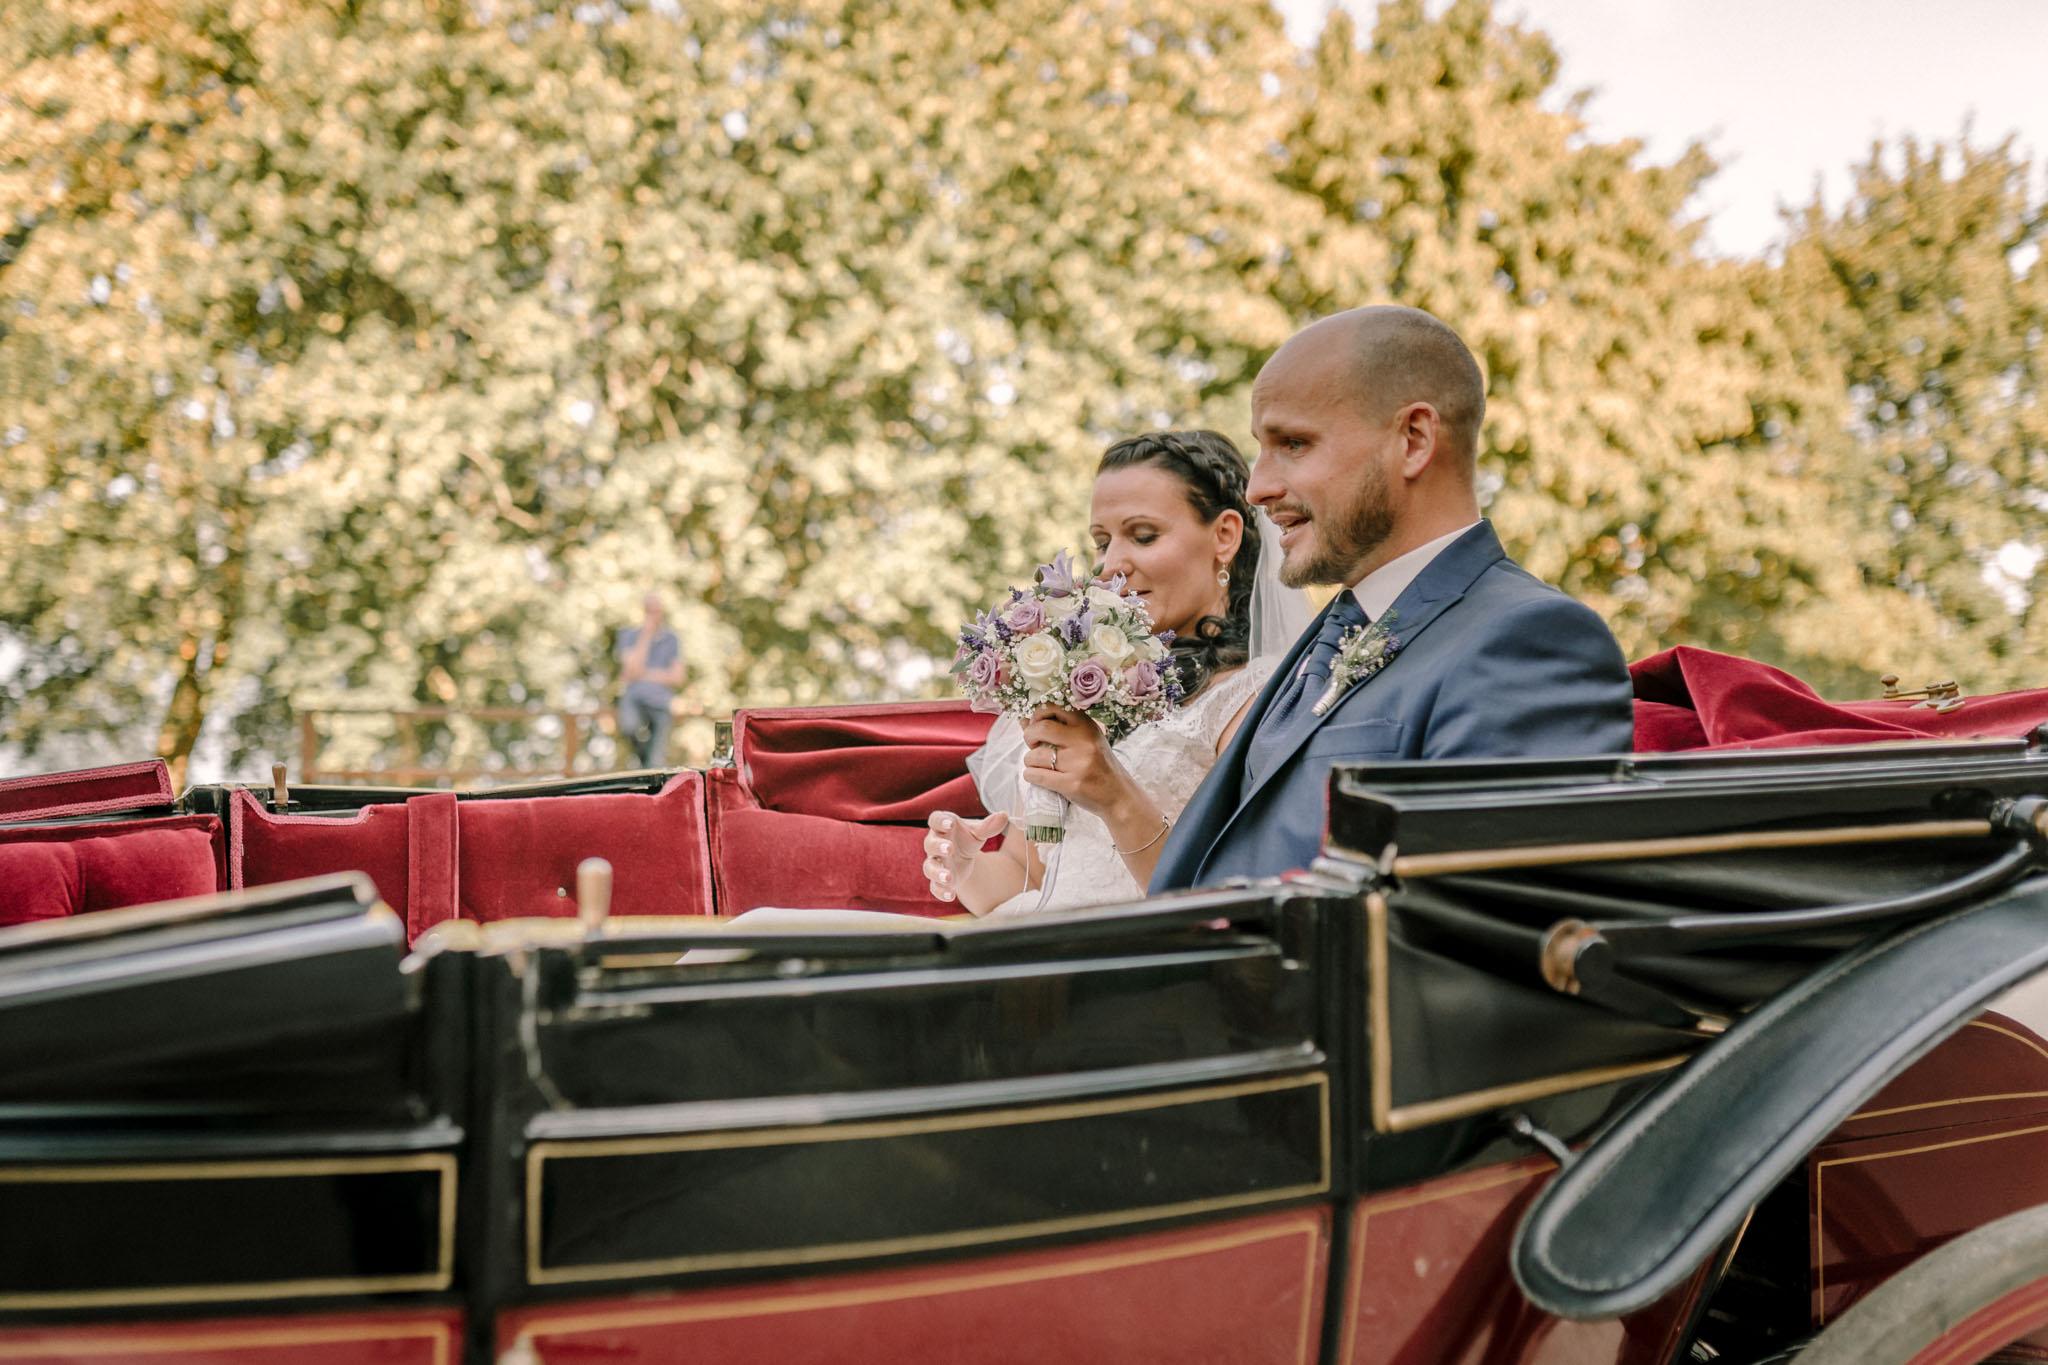 Hochzeitsfieber by Photo-Schomburg, Hochzeitsfotograf, Hamburg,Hochzeitstag, Hochzeitspaar, Braut, Bräutigam, Literaturhauscafe Zarrentin-89